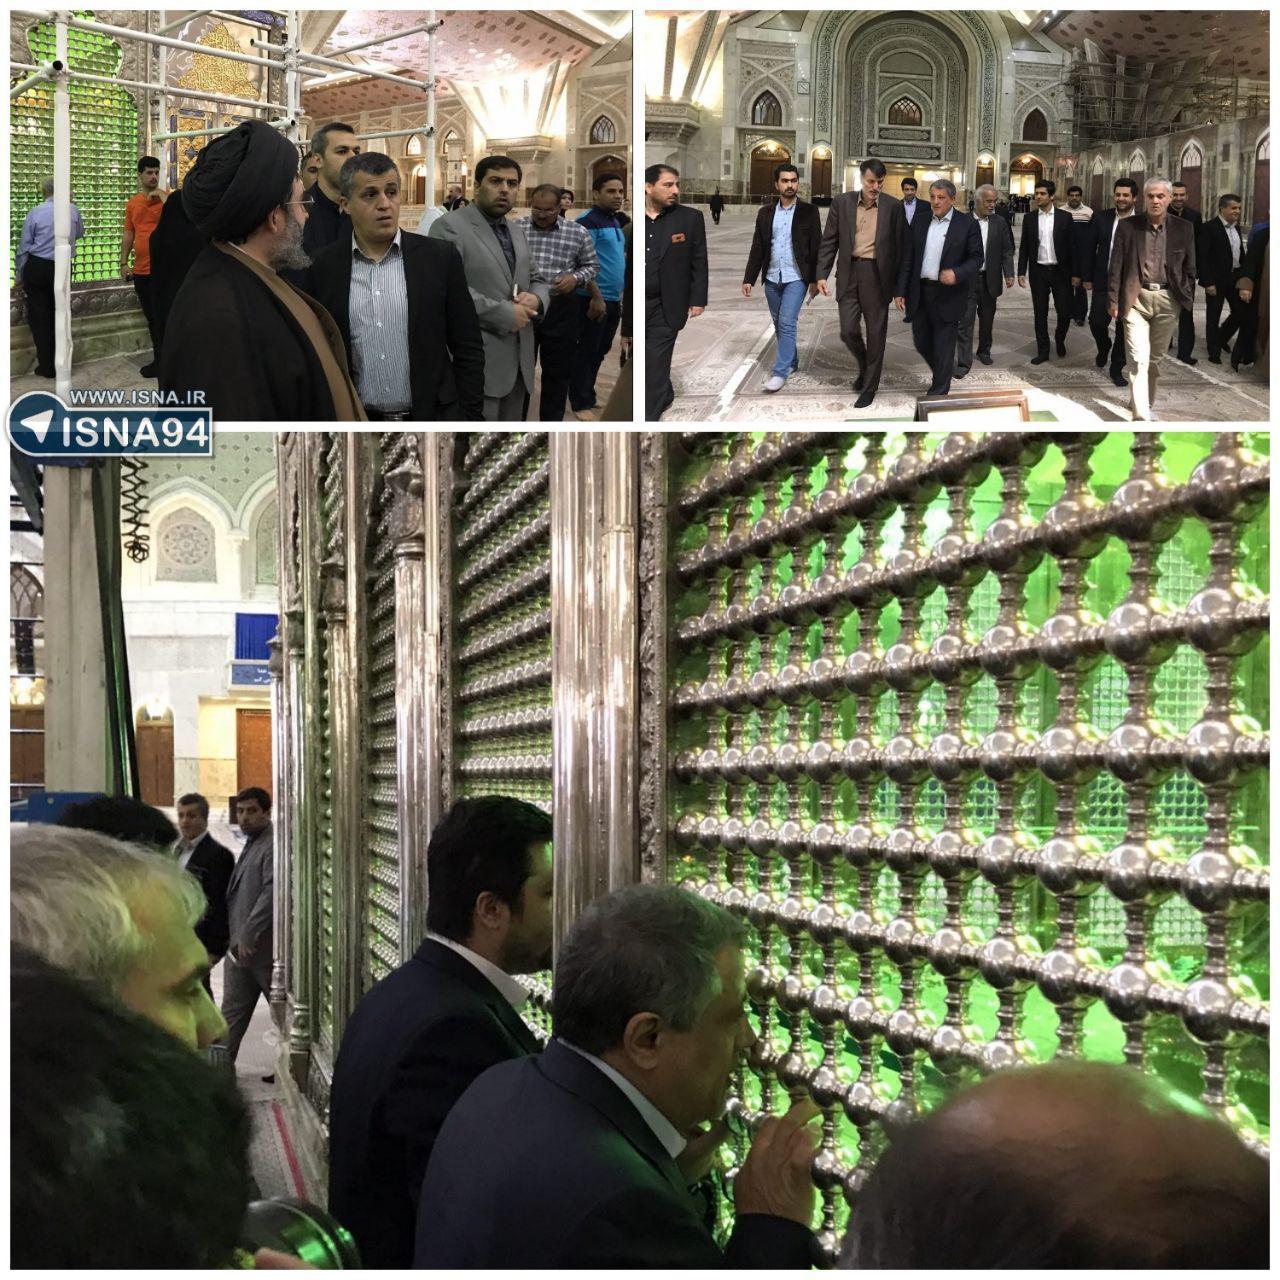 انتخابات ریاست جمهوری: آغاز رای گیری در سراسر ایران / مقام معظم رهبری رای دادند/ روحانی رای داد:  با آمادگی به قرن جدید وارد شویم